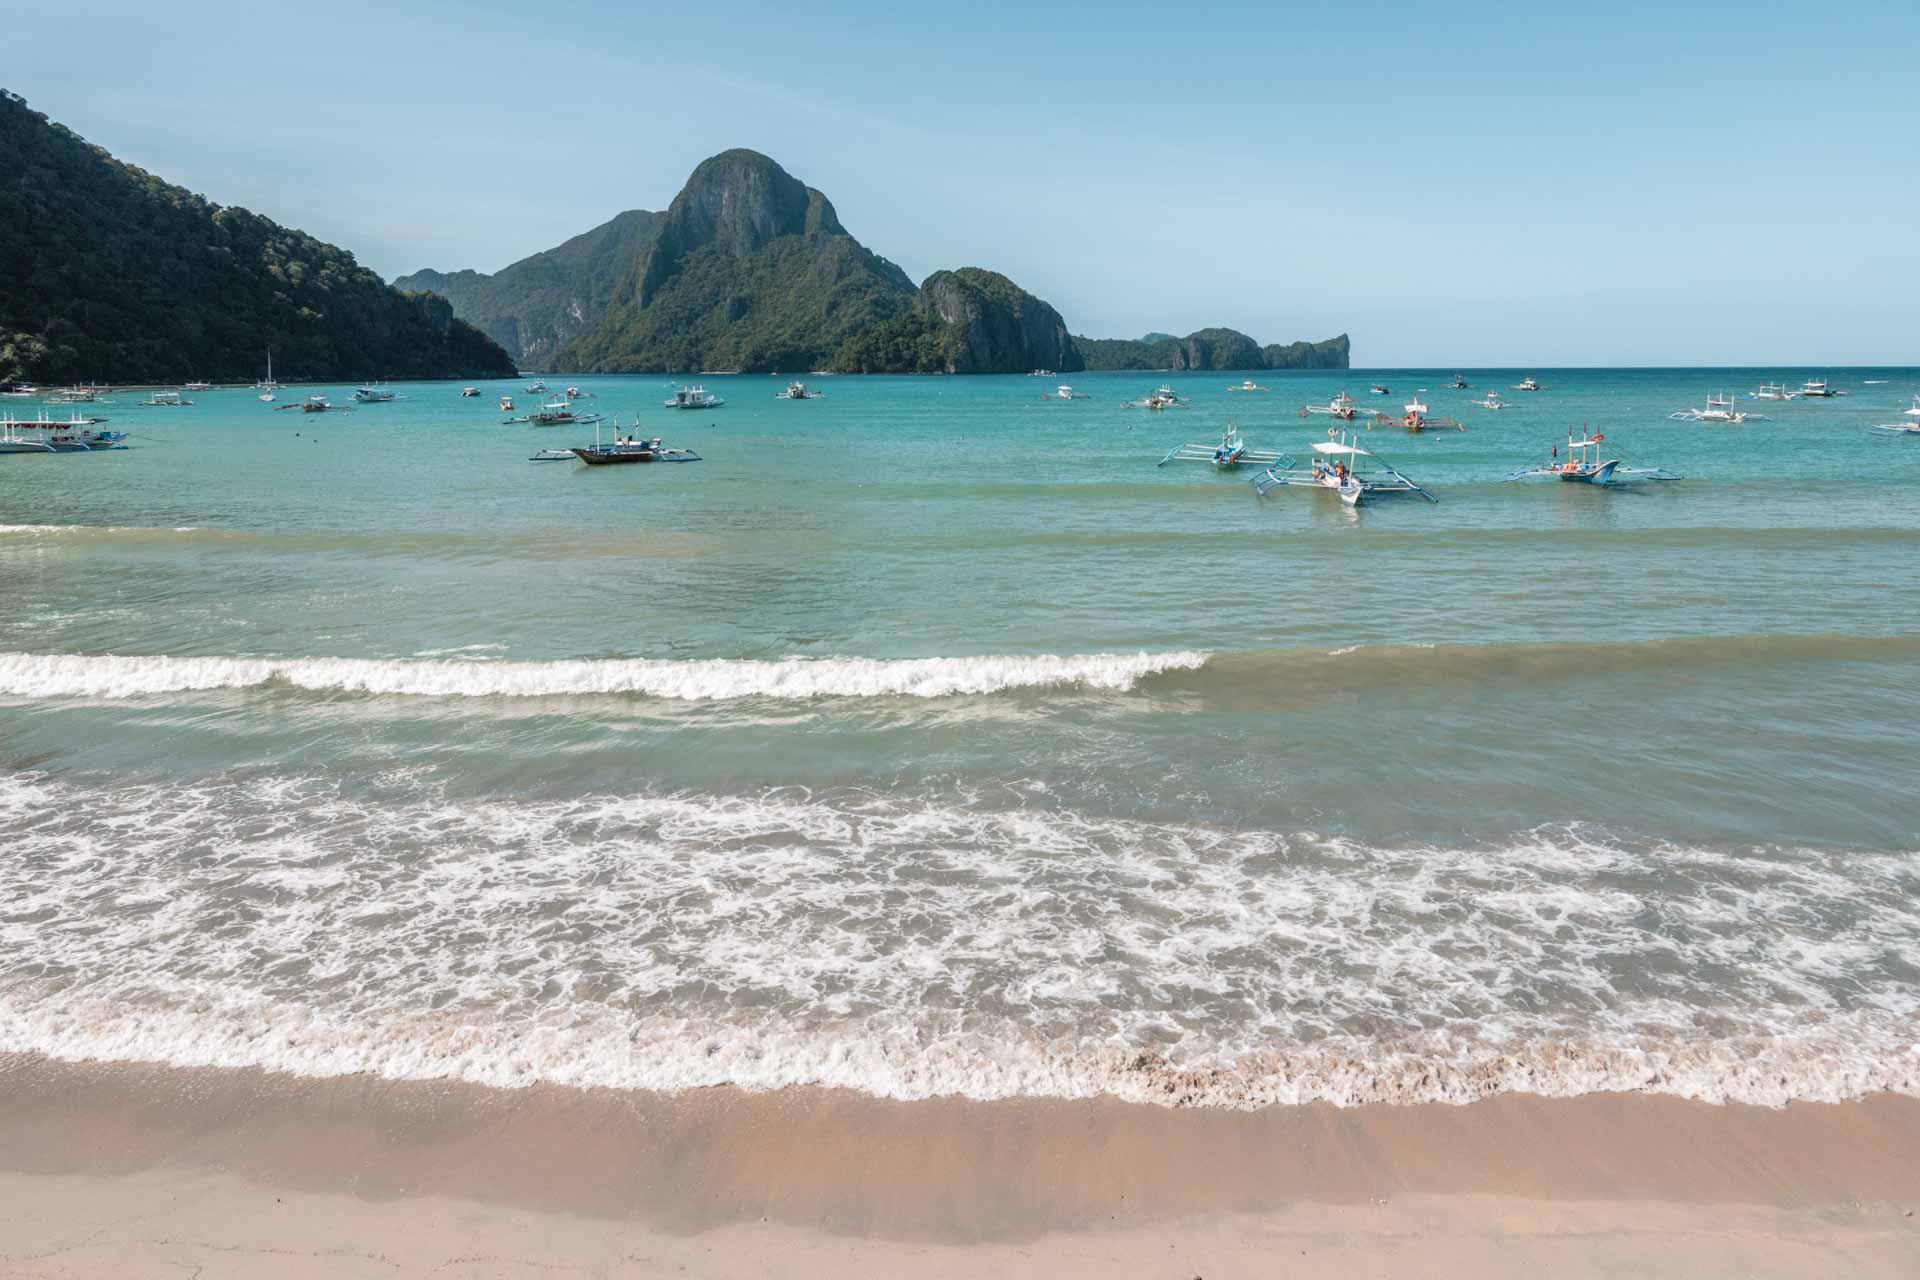 El Nido Beach in the day